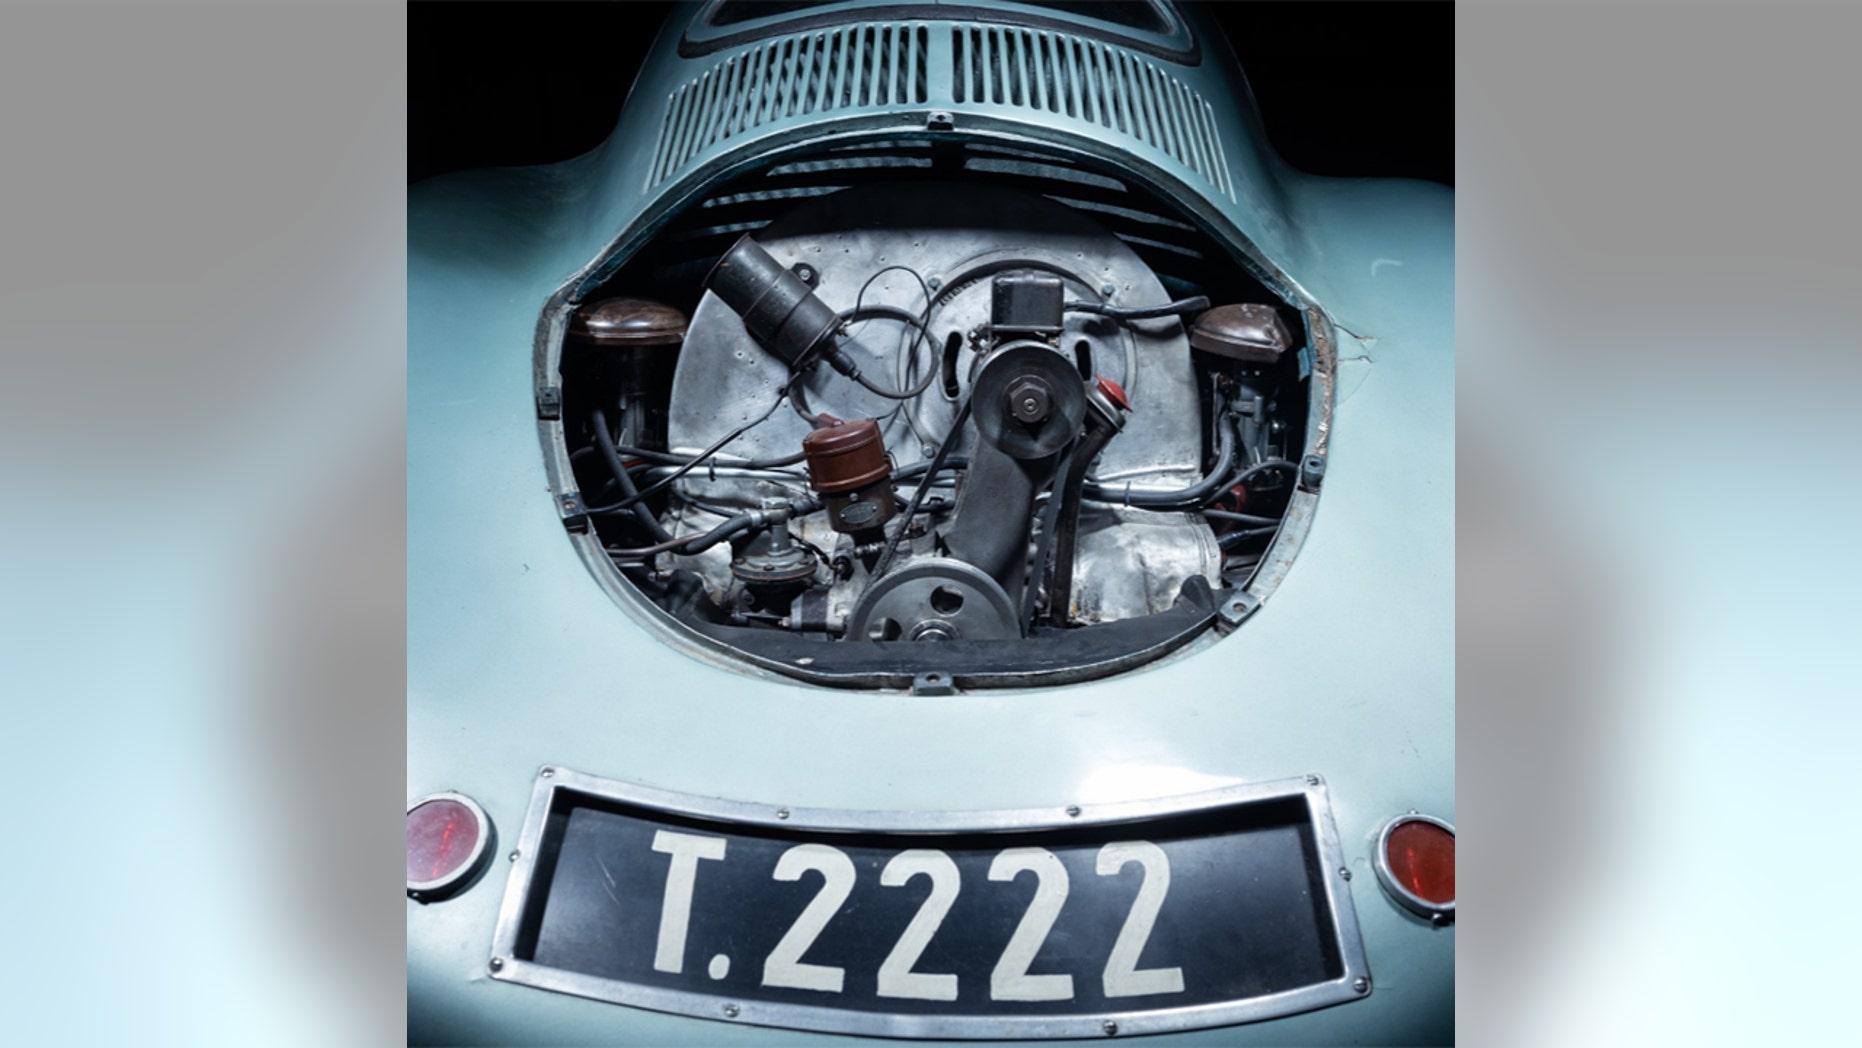 Oldest Porsche Type 64 engine